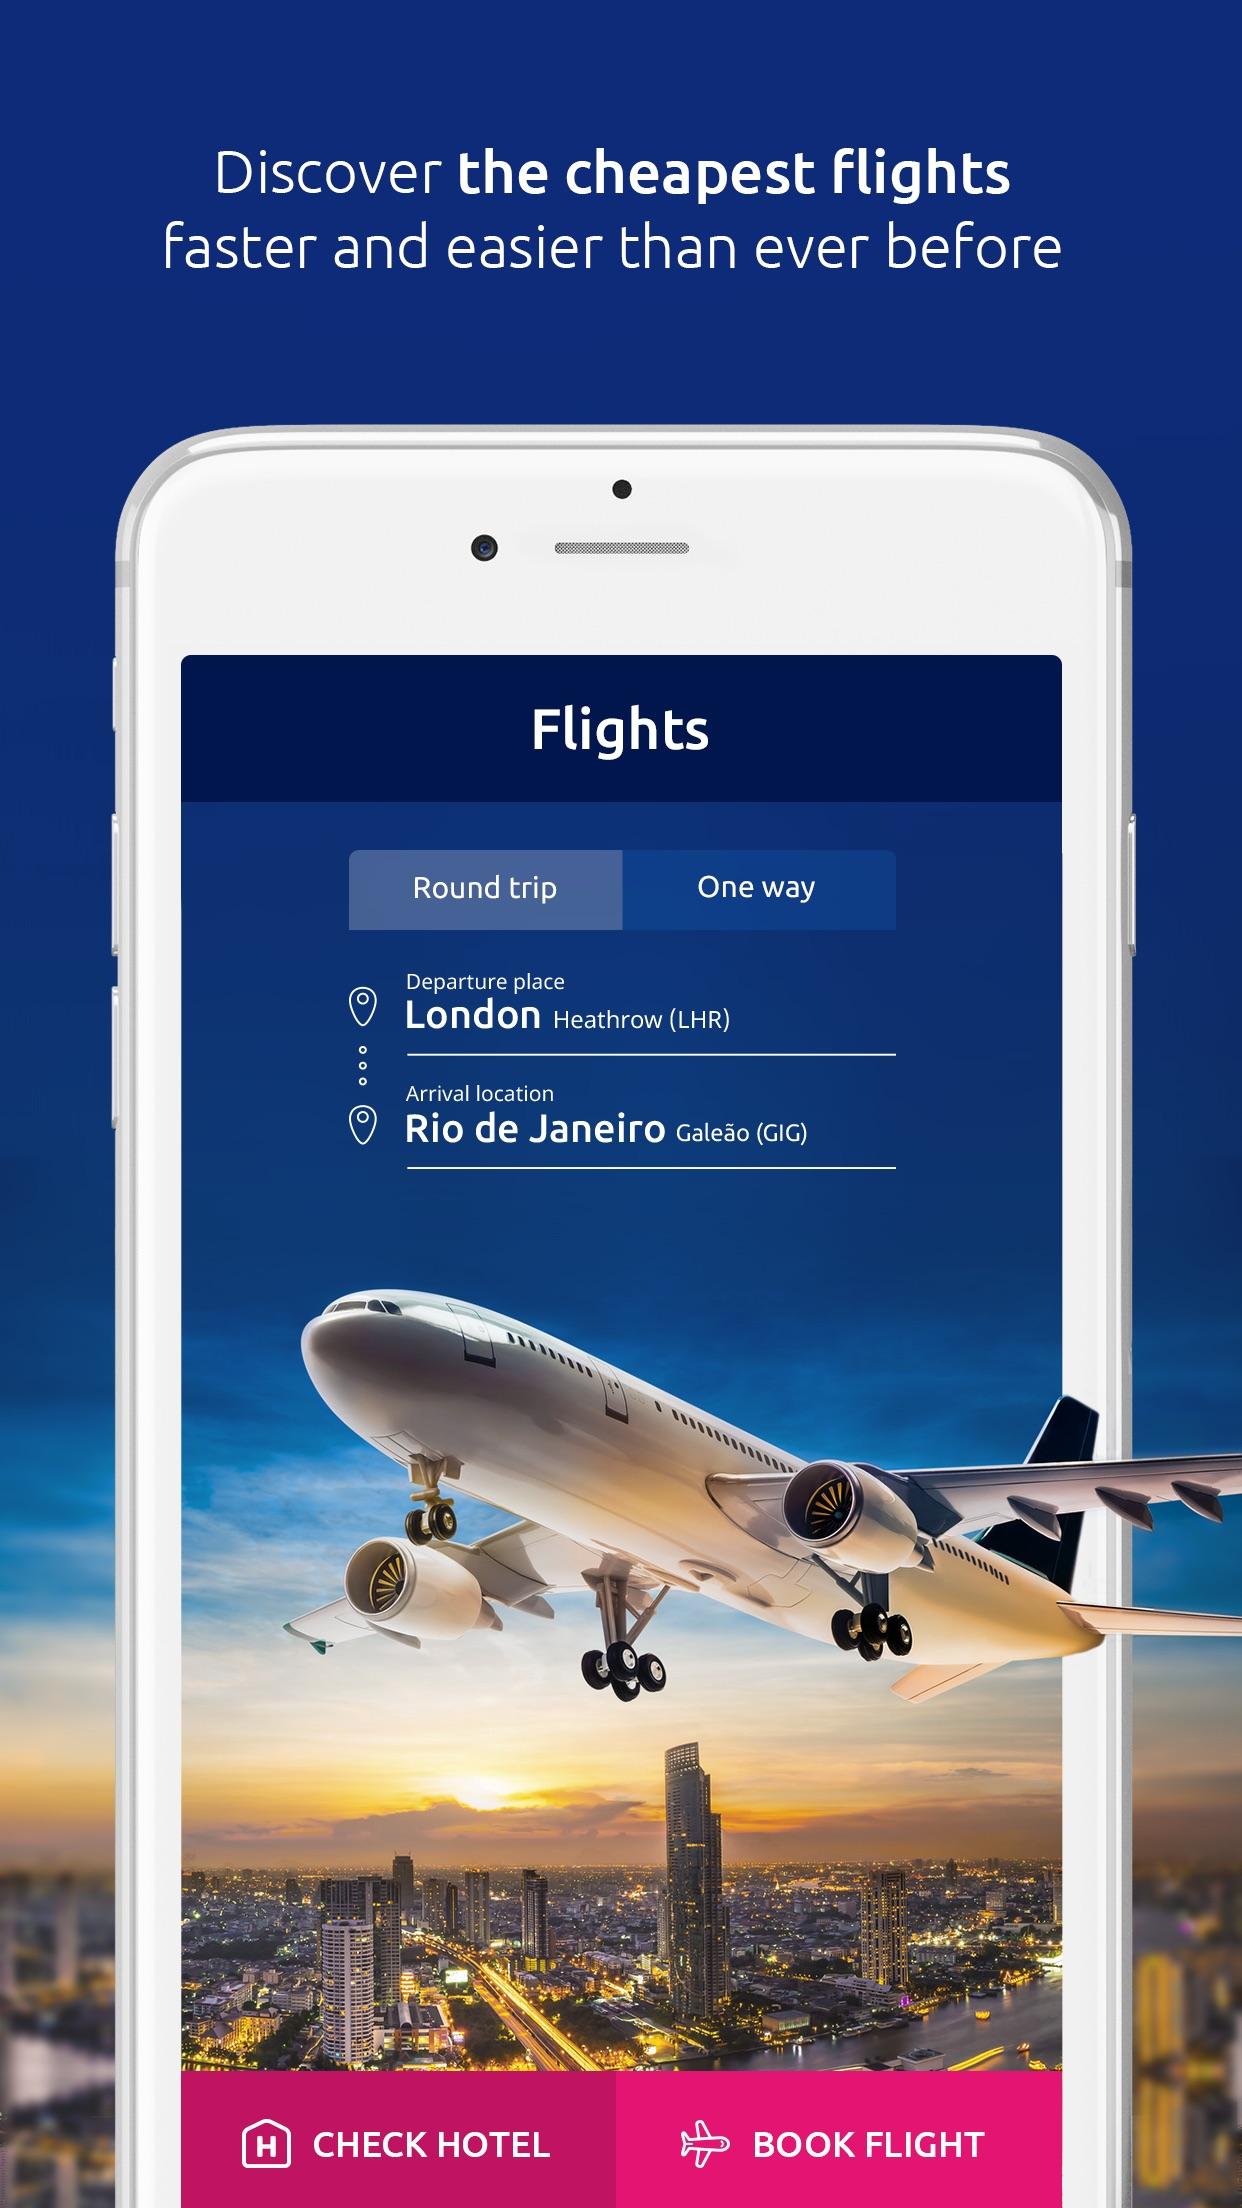 eSky - Flights, Hotels, Deals Screenshot